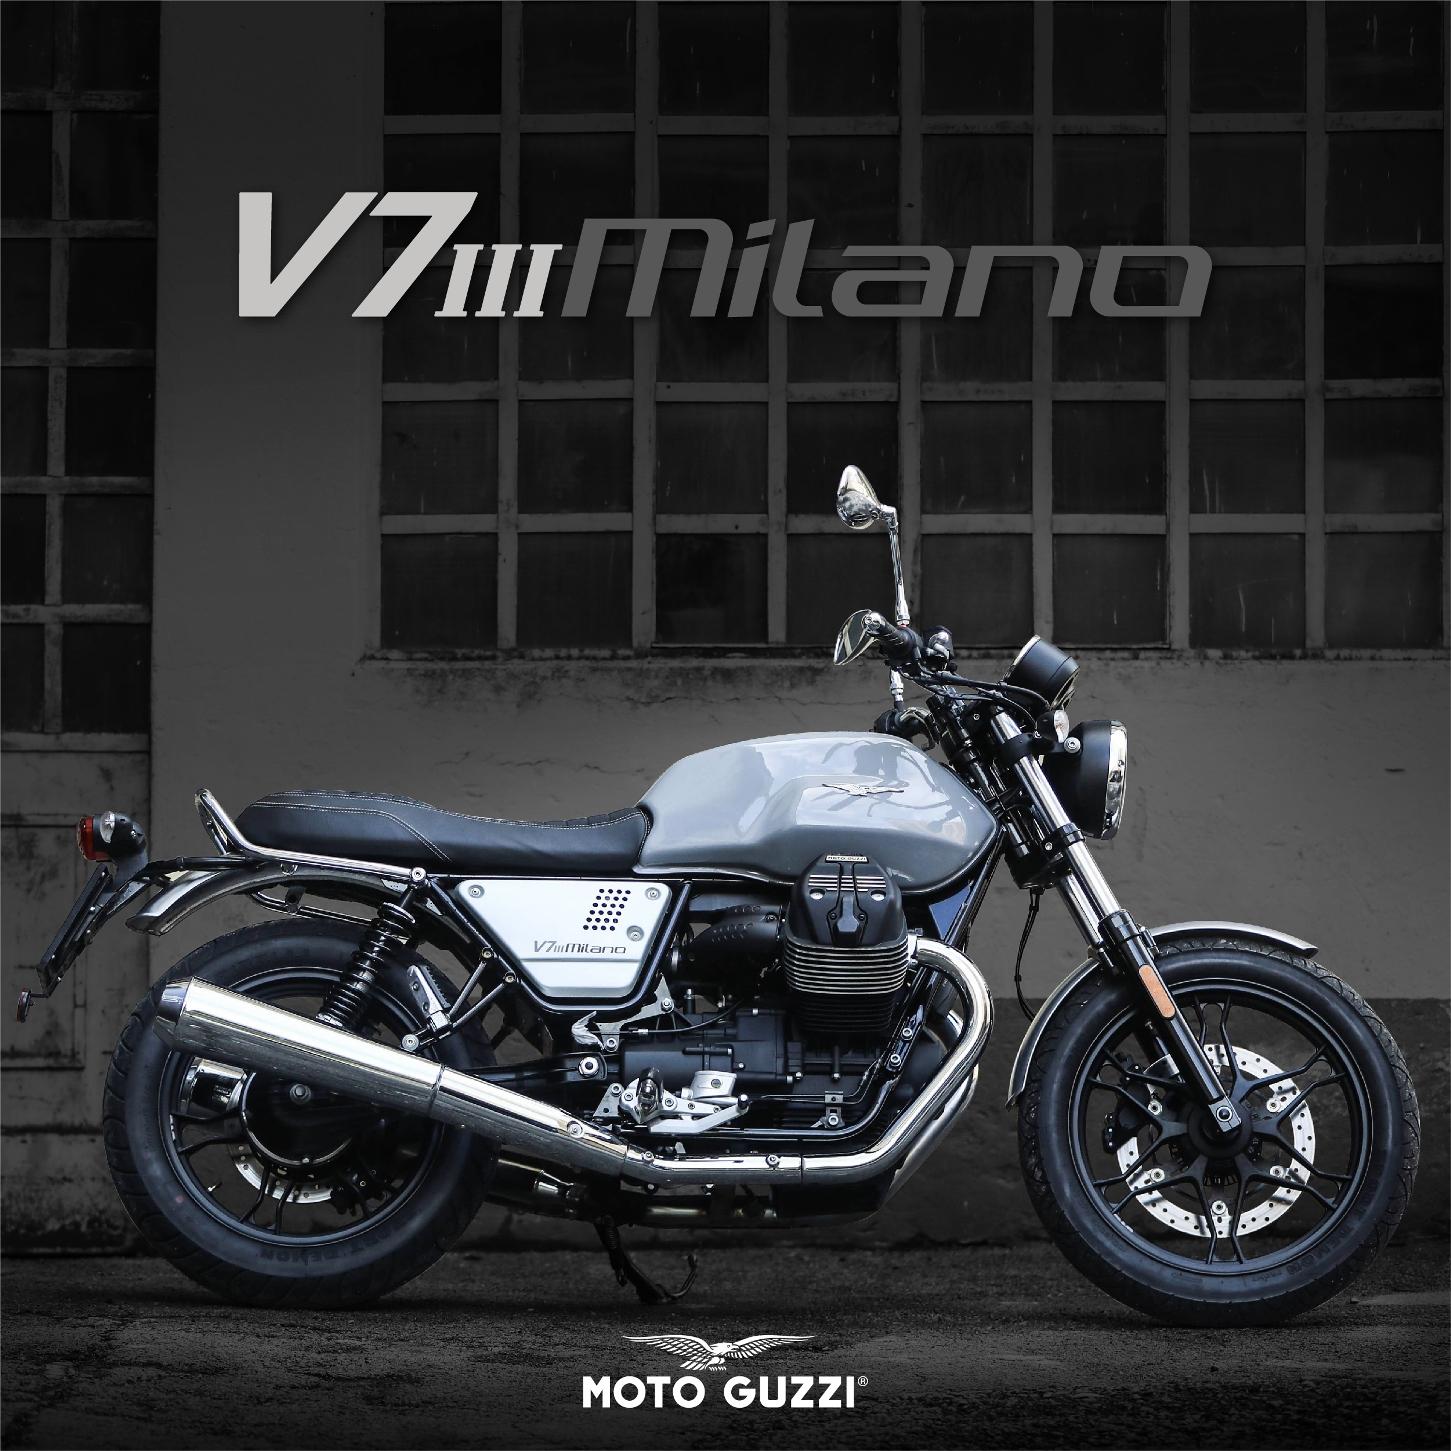 """เตรียมสัมผัสความตื่นเต้นแห่งการขับขี่ครั้งใหม่ด้วยโมเดลรุ่นพิเศษล่าสุด  """"Moto Guzzi V7 III Milano"""" สุดยอดมอเตอร์ไซค์อิตาเลี่ยนคลาสสิคระดับตำนาน  หนึ่งในรุ่นฉลองครบรอบ 50 ปีของตระกูล V7 ในงานมอเตอร์เอ็กซ์โป ครั้งที่ 35"""